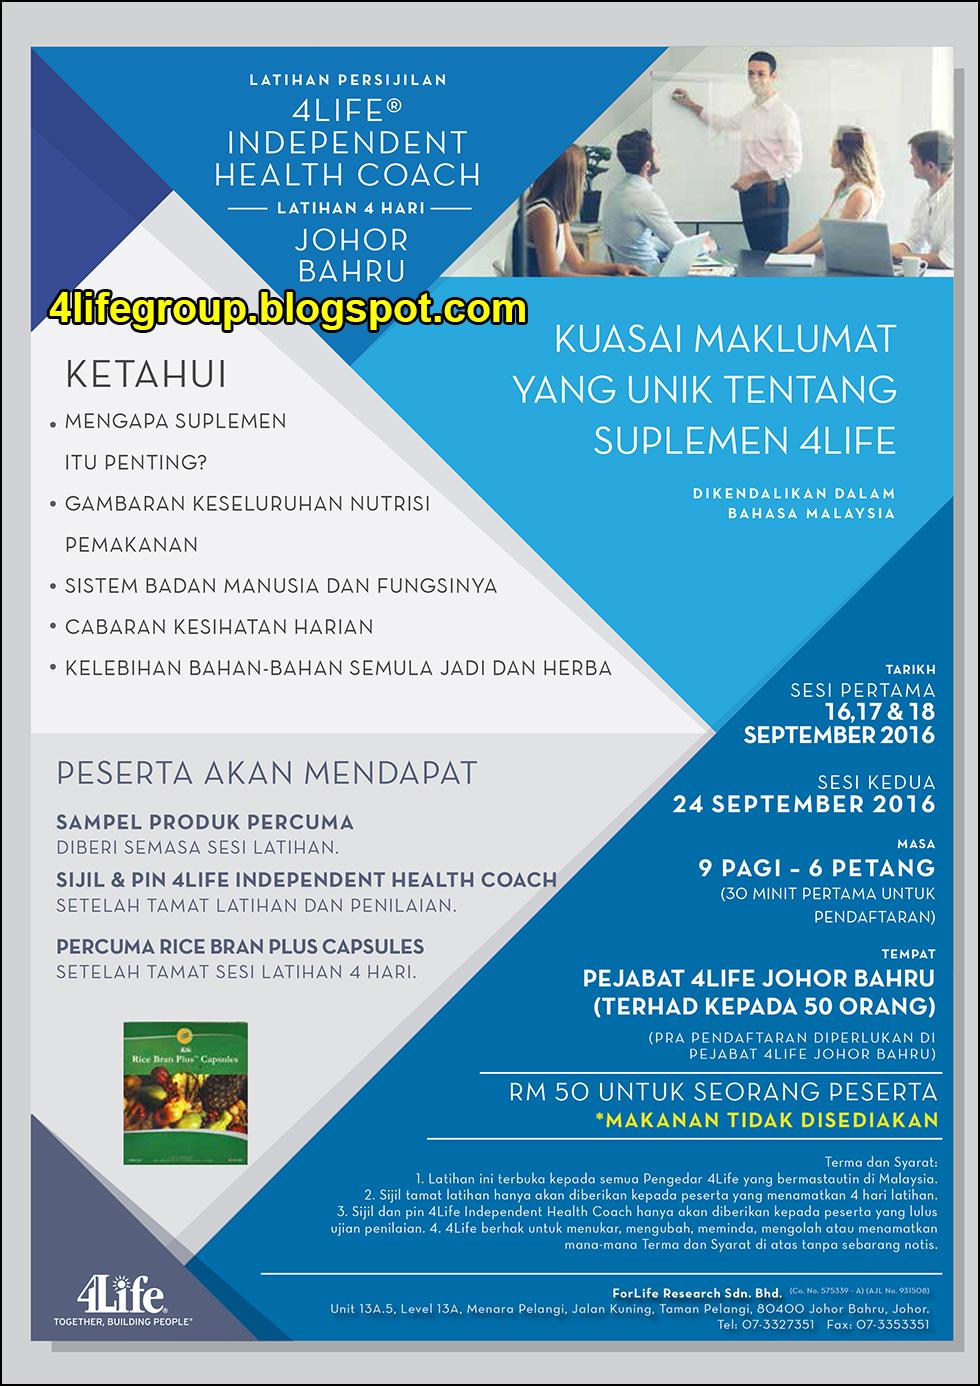 foto Latihan Persijilan 4Life Independent Health Coach @ Johor Bahru